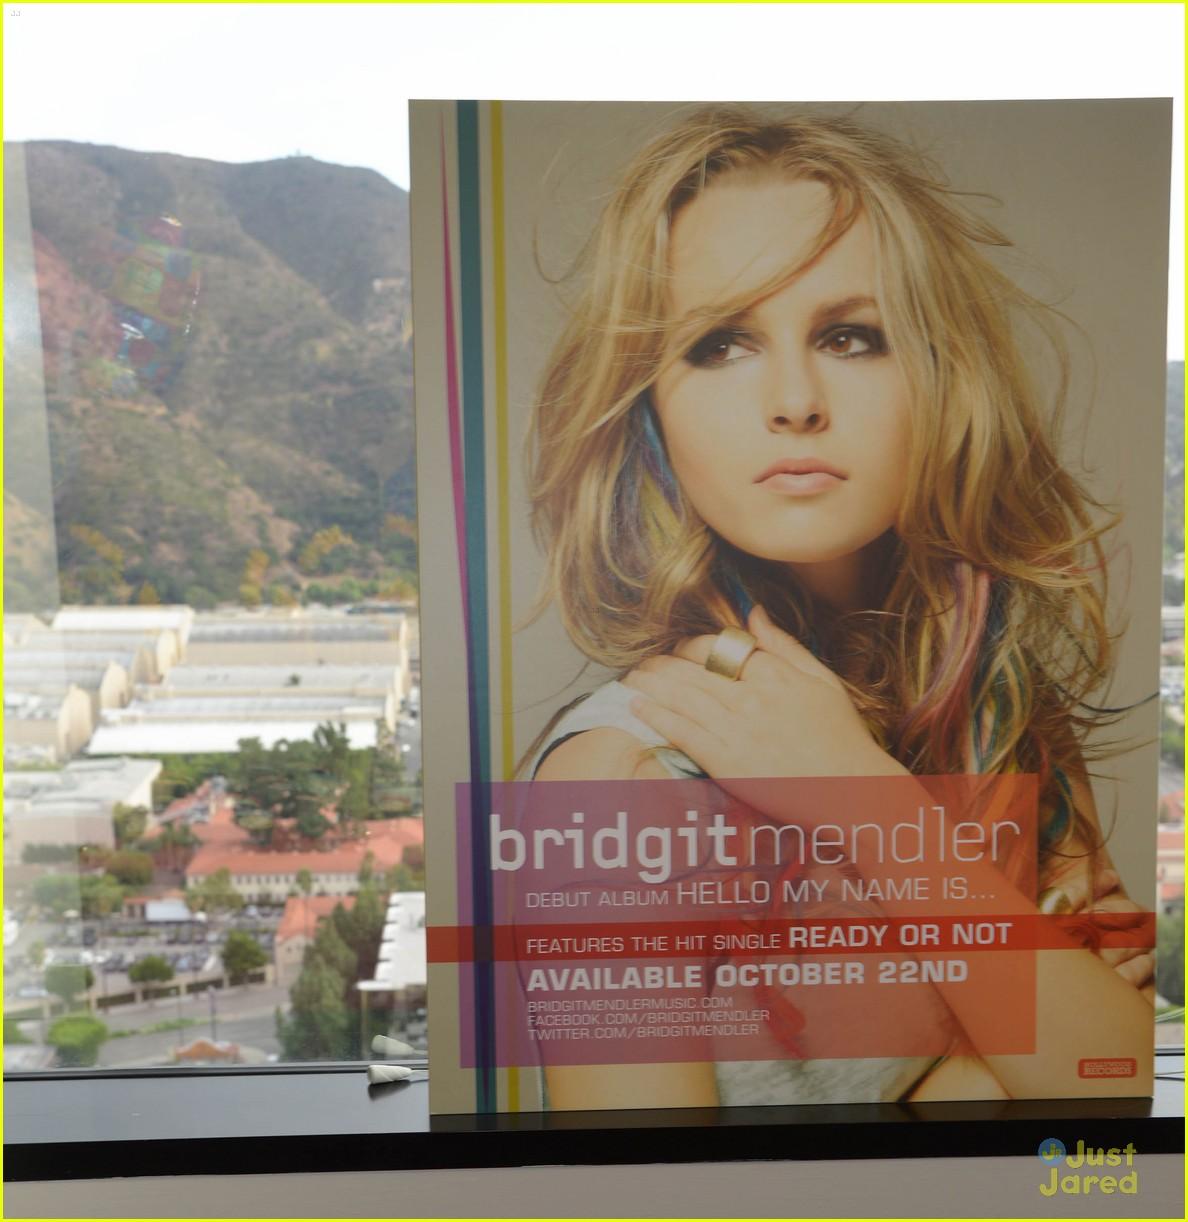 Full Sized Photo Of Bridgit Mendler Album Stream 08 Bridgit Mendler Hello My Name Is Listen Now Just Jared Jr